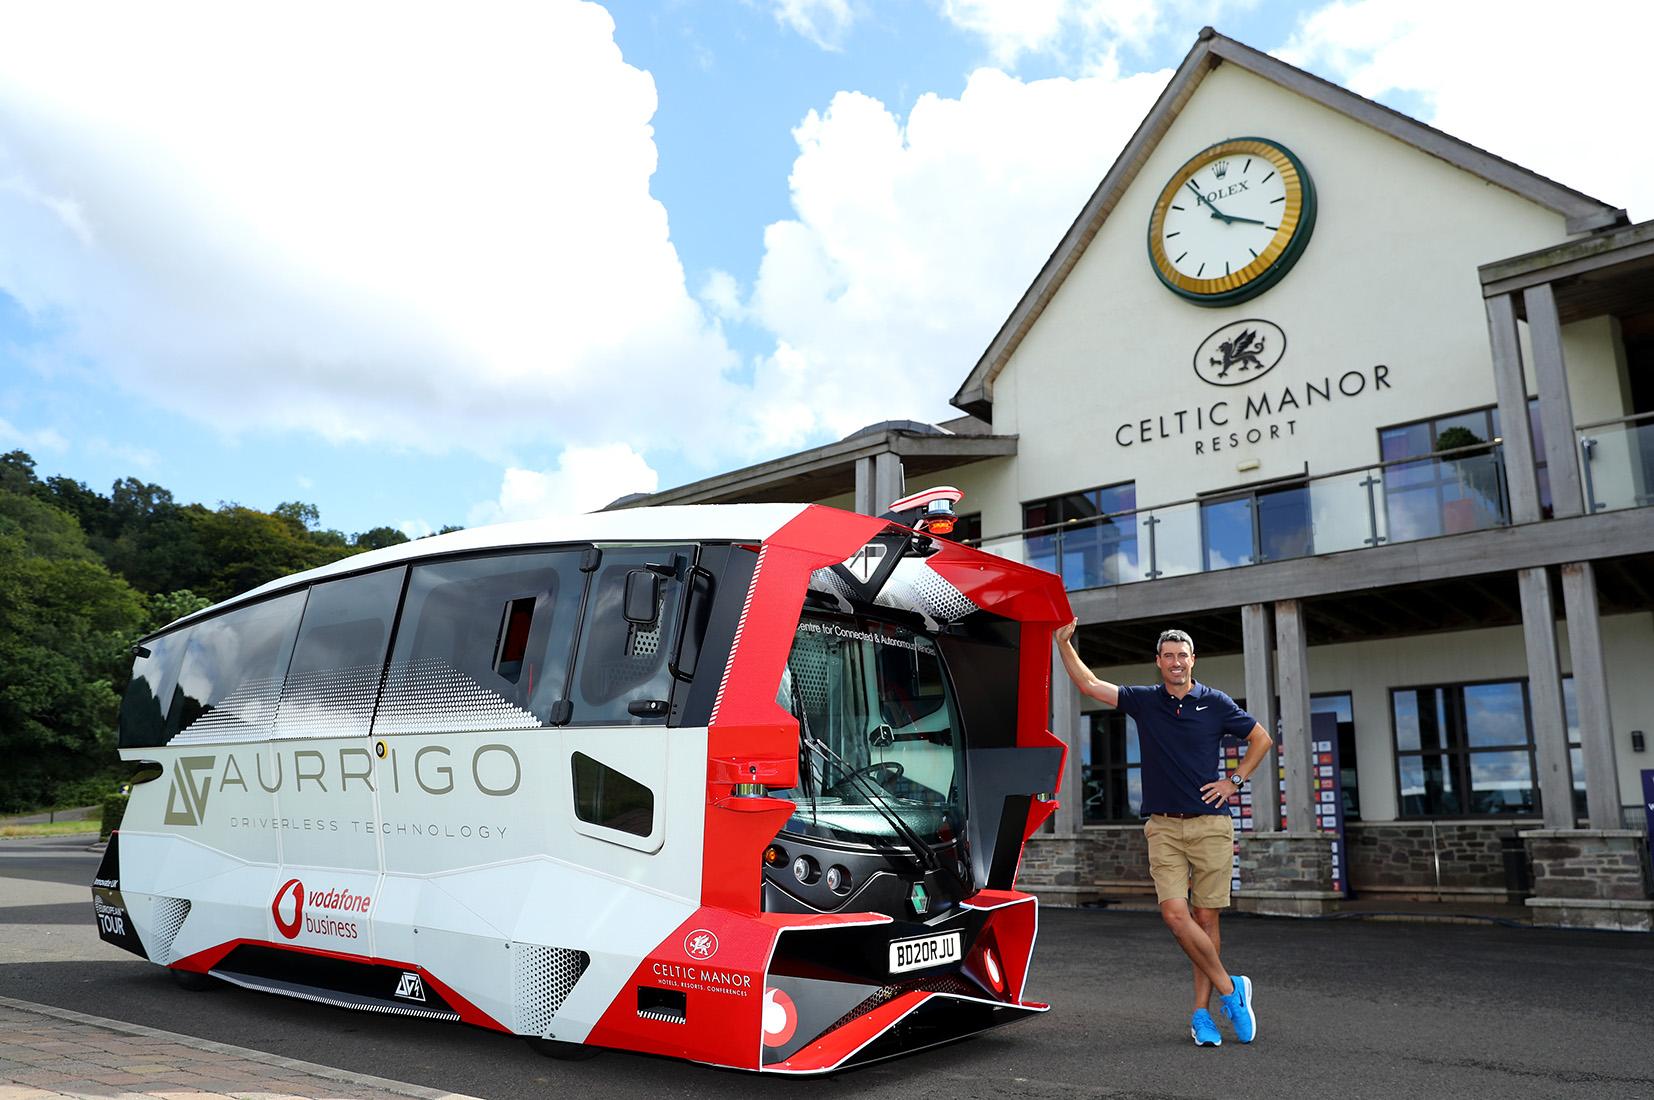 Aurrigo Autonomous Shuttle